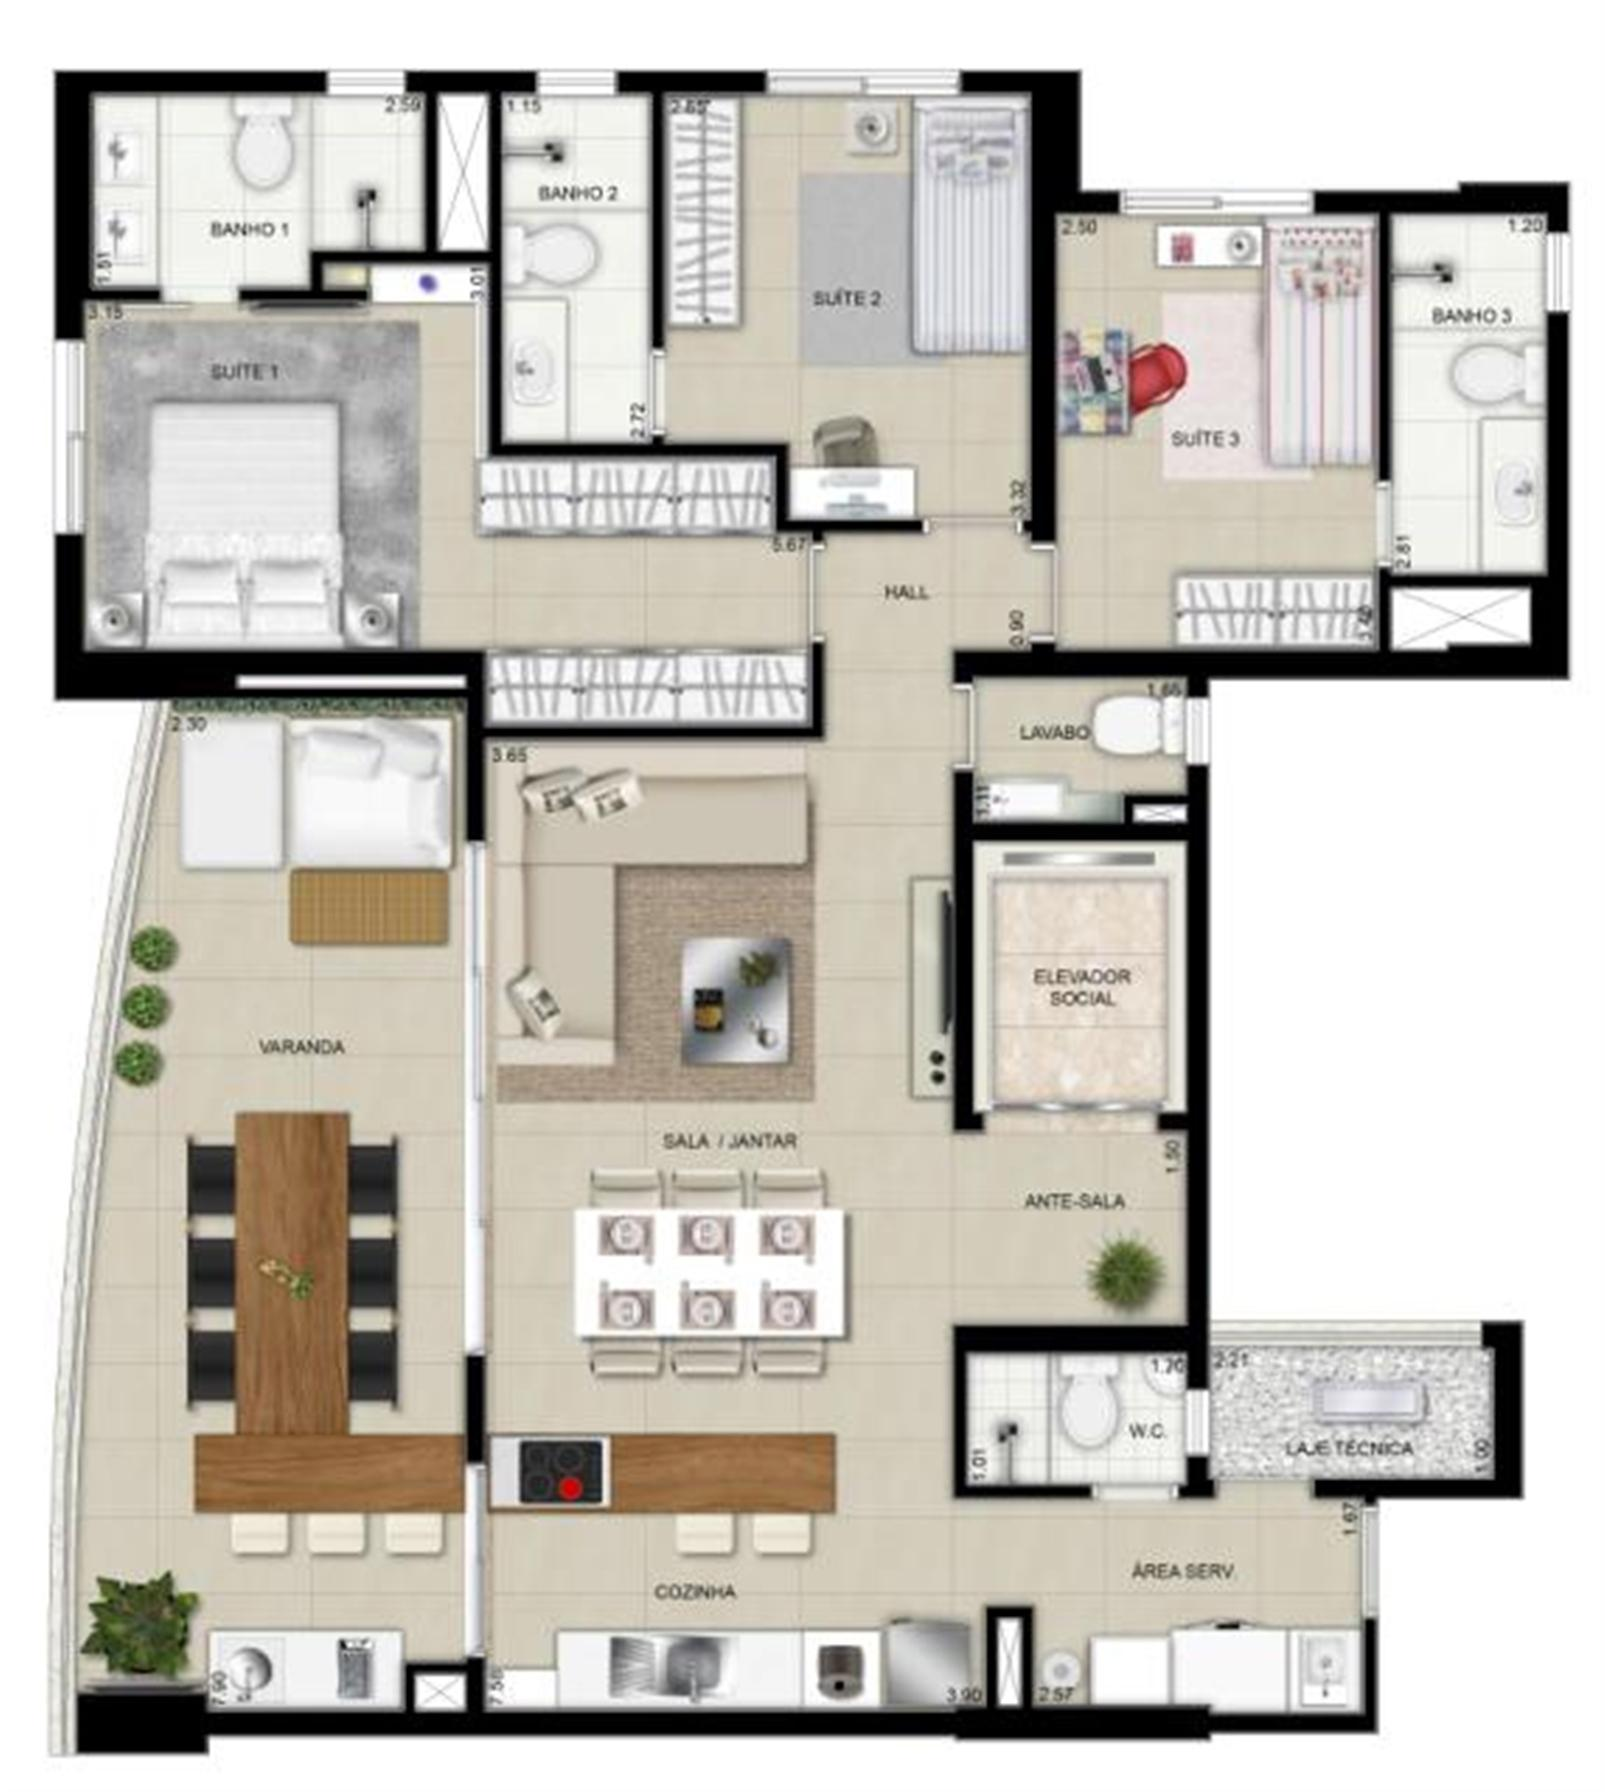 Planta tipo 4º ao 8º pavimentos decorado | Domani LifeStyle – Apartamentono  Setor Marista - Goiânia - Goiás